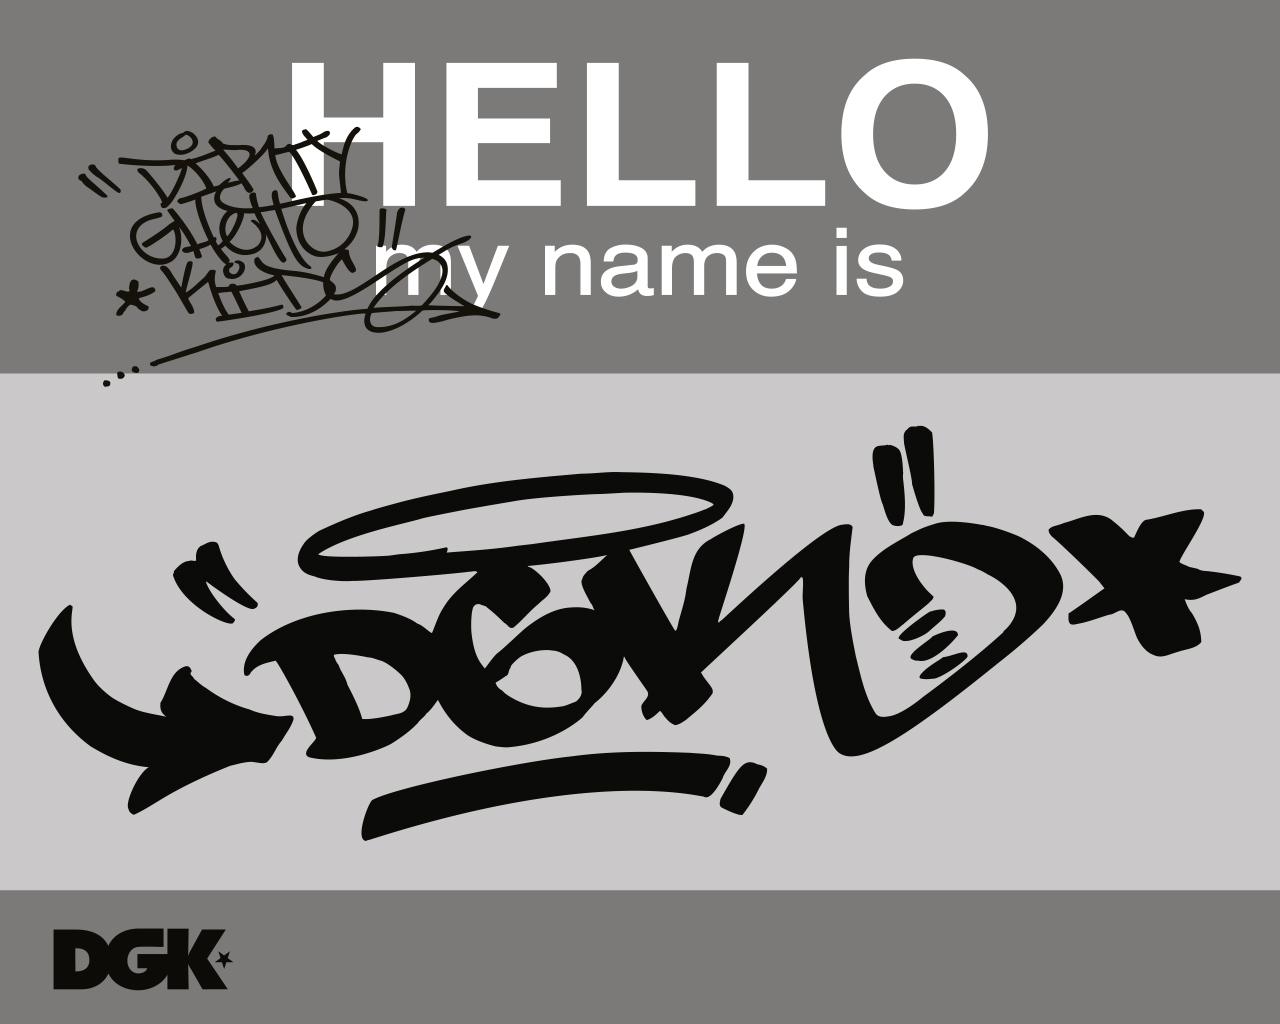 the DGK Wallpaper DGK iPhone Wallpaper DGK Android Wallpaper DGK 1280x1024